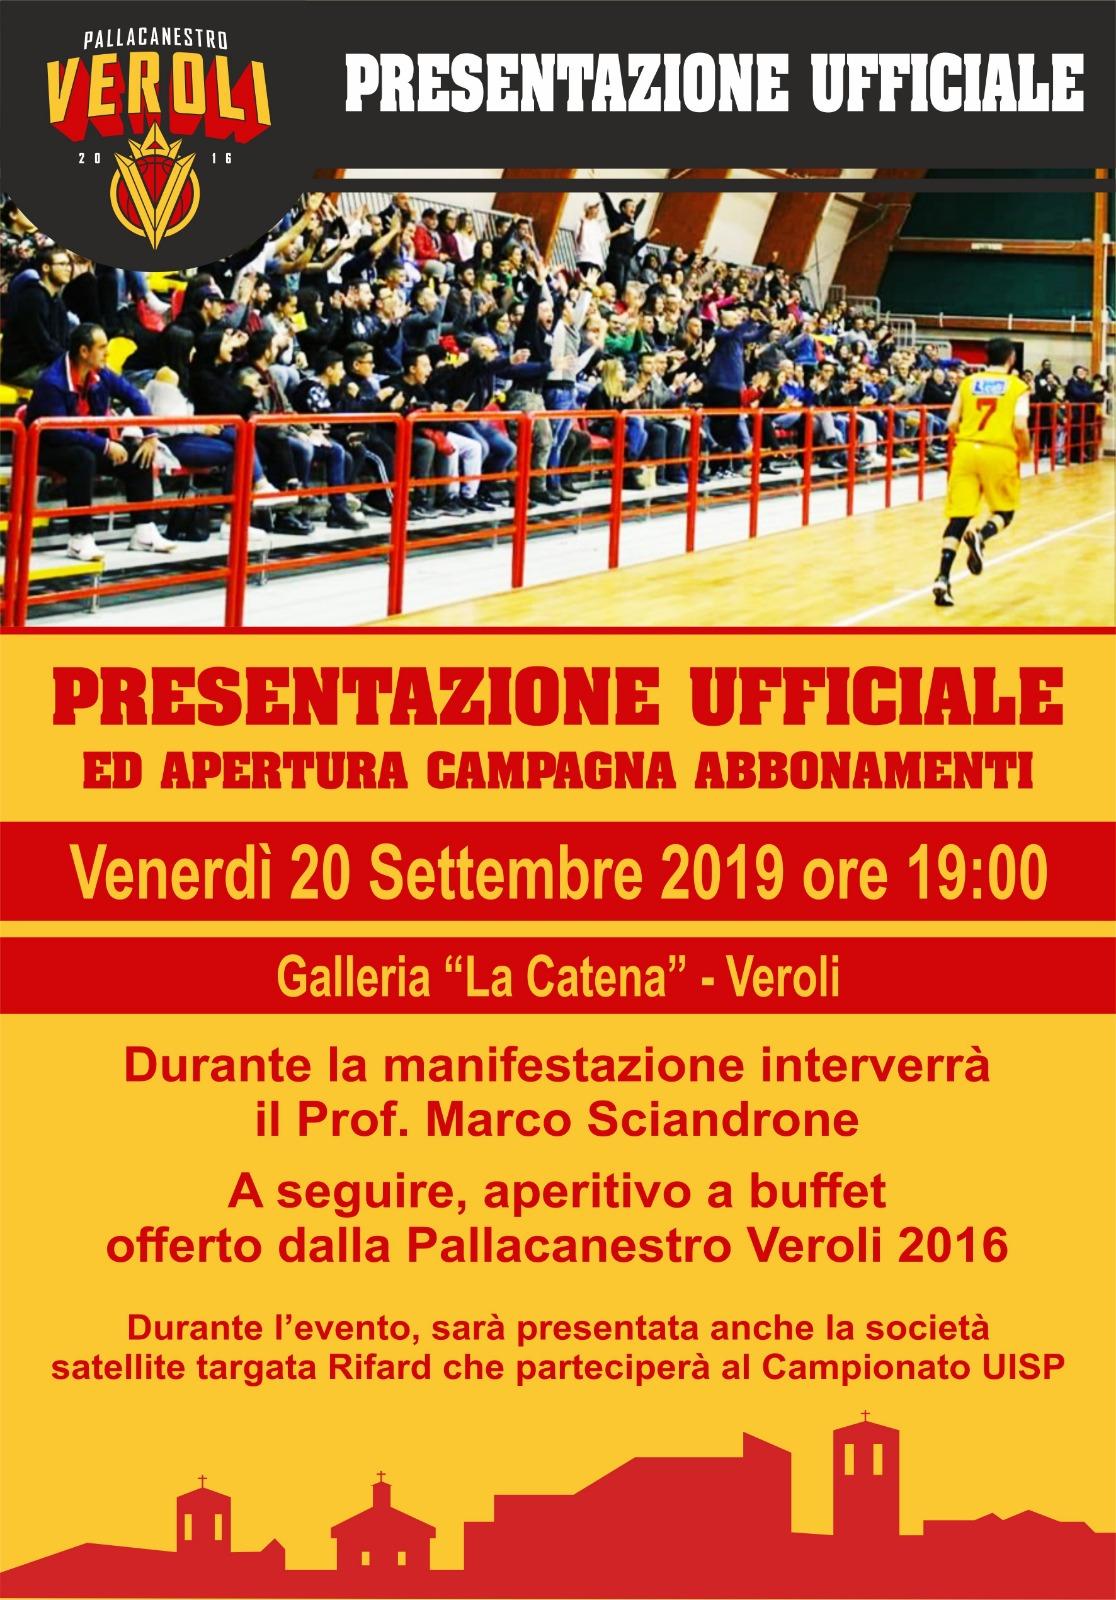 Conferenza Stampa Pallacanestro Veroli 2016